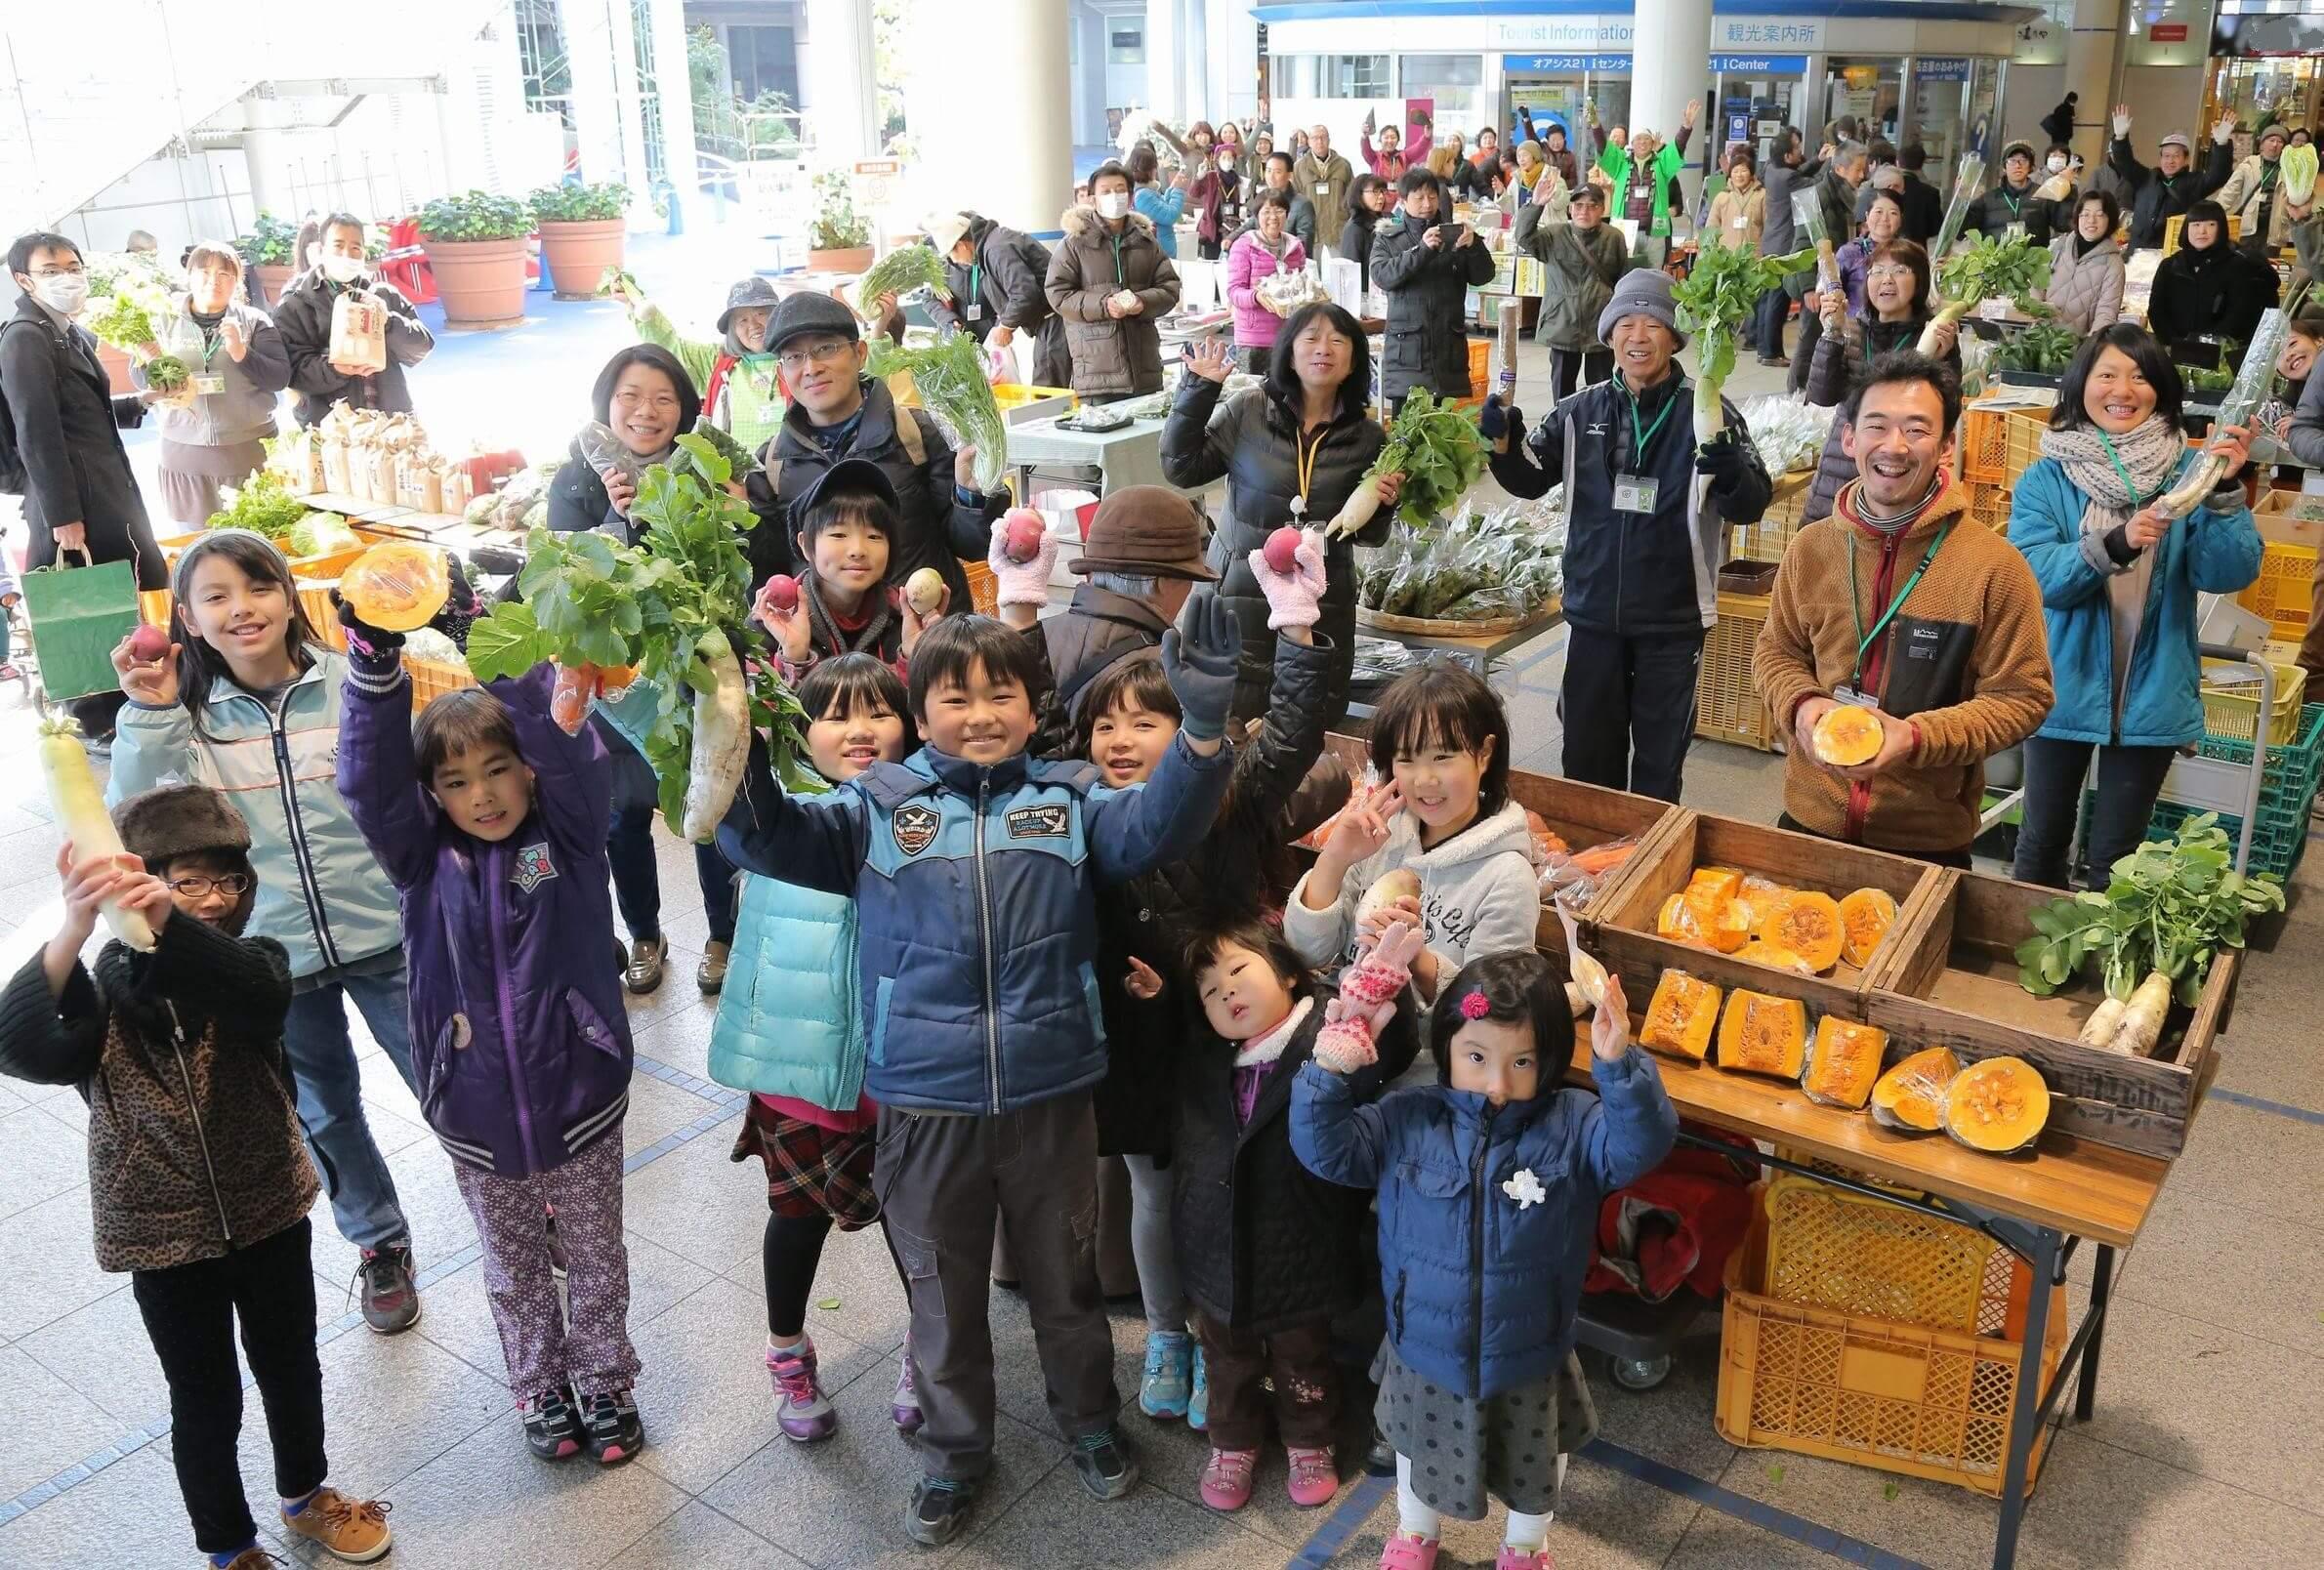 世界有機農夫市集大介紹 ─ 愛知縣名古屋市的有機農夫早市 「オアシス21オーガニックファーマーズ朝市村」